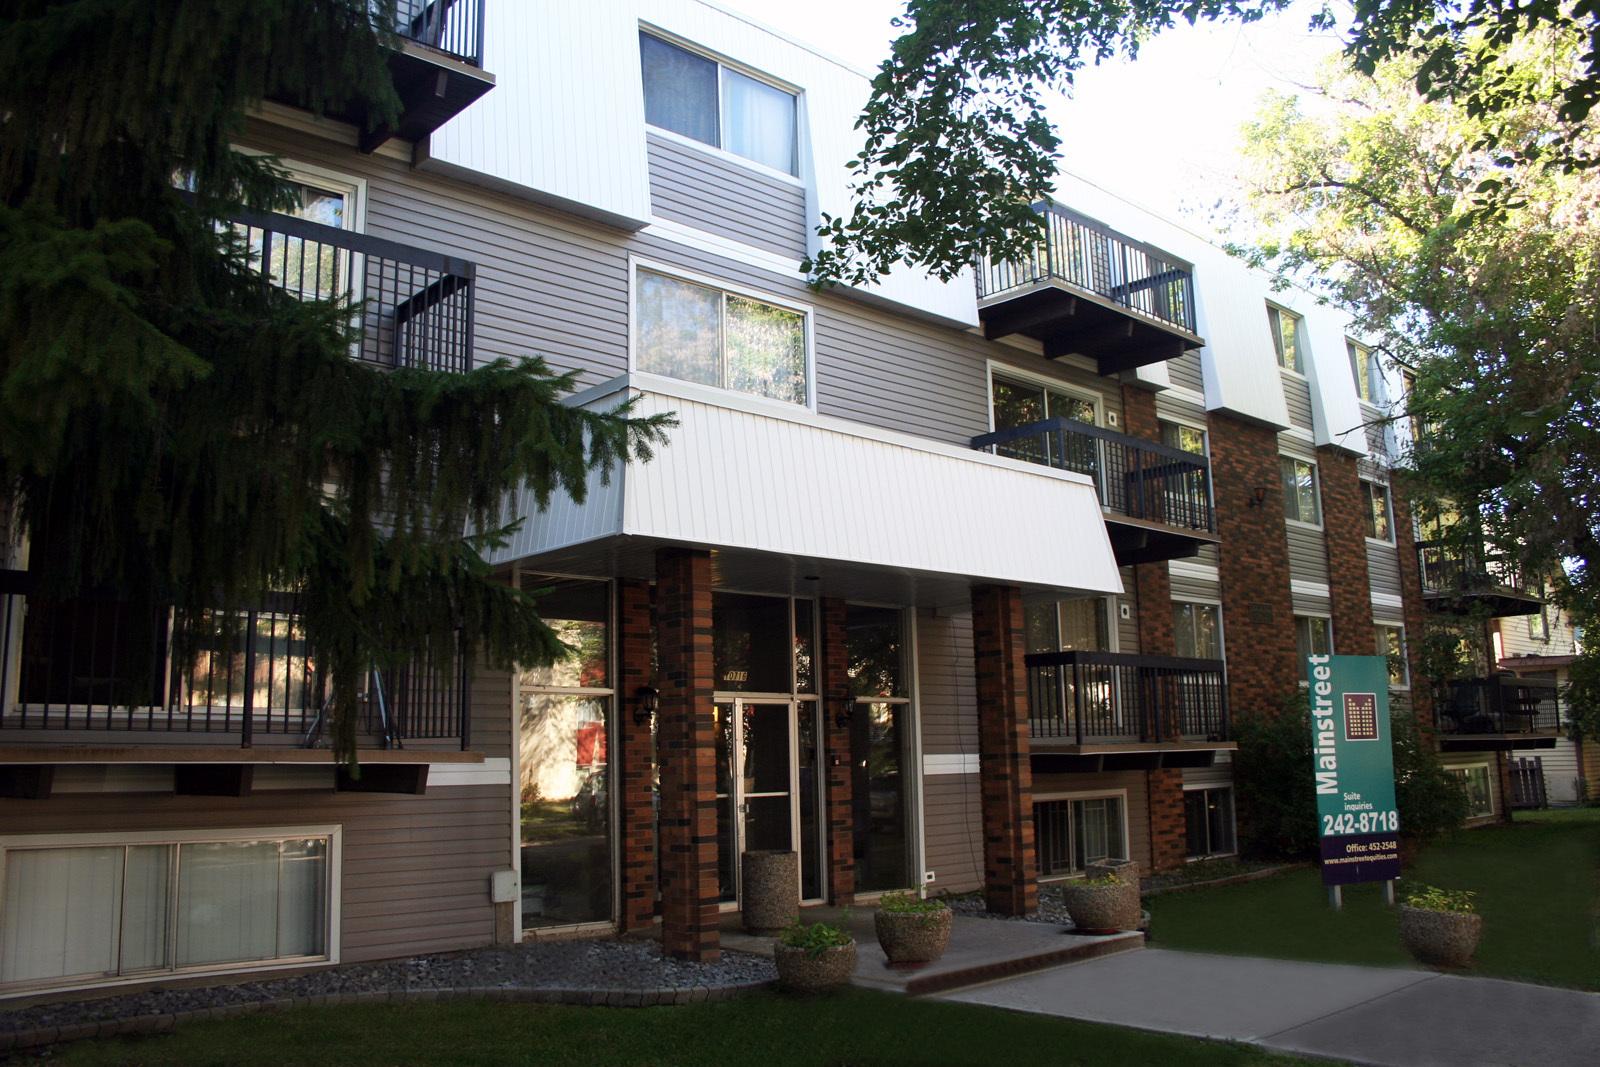 10716 107 Street NW, Edmonton, AB - $1,070